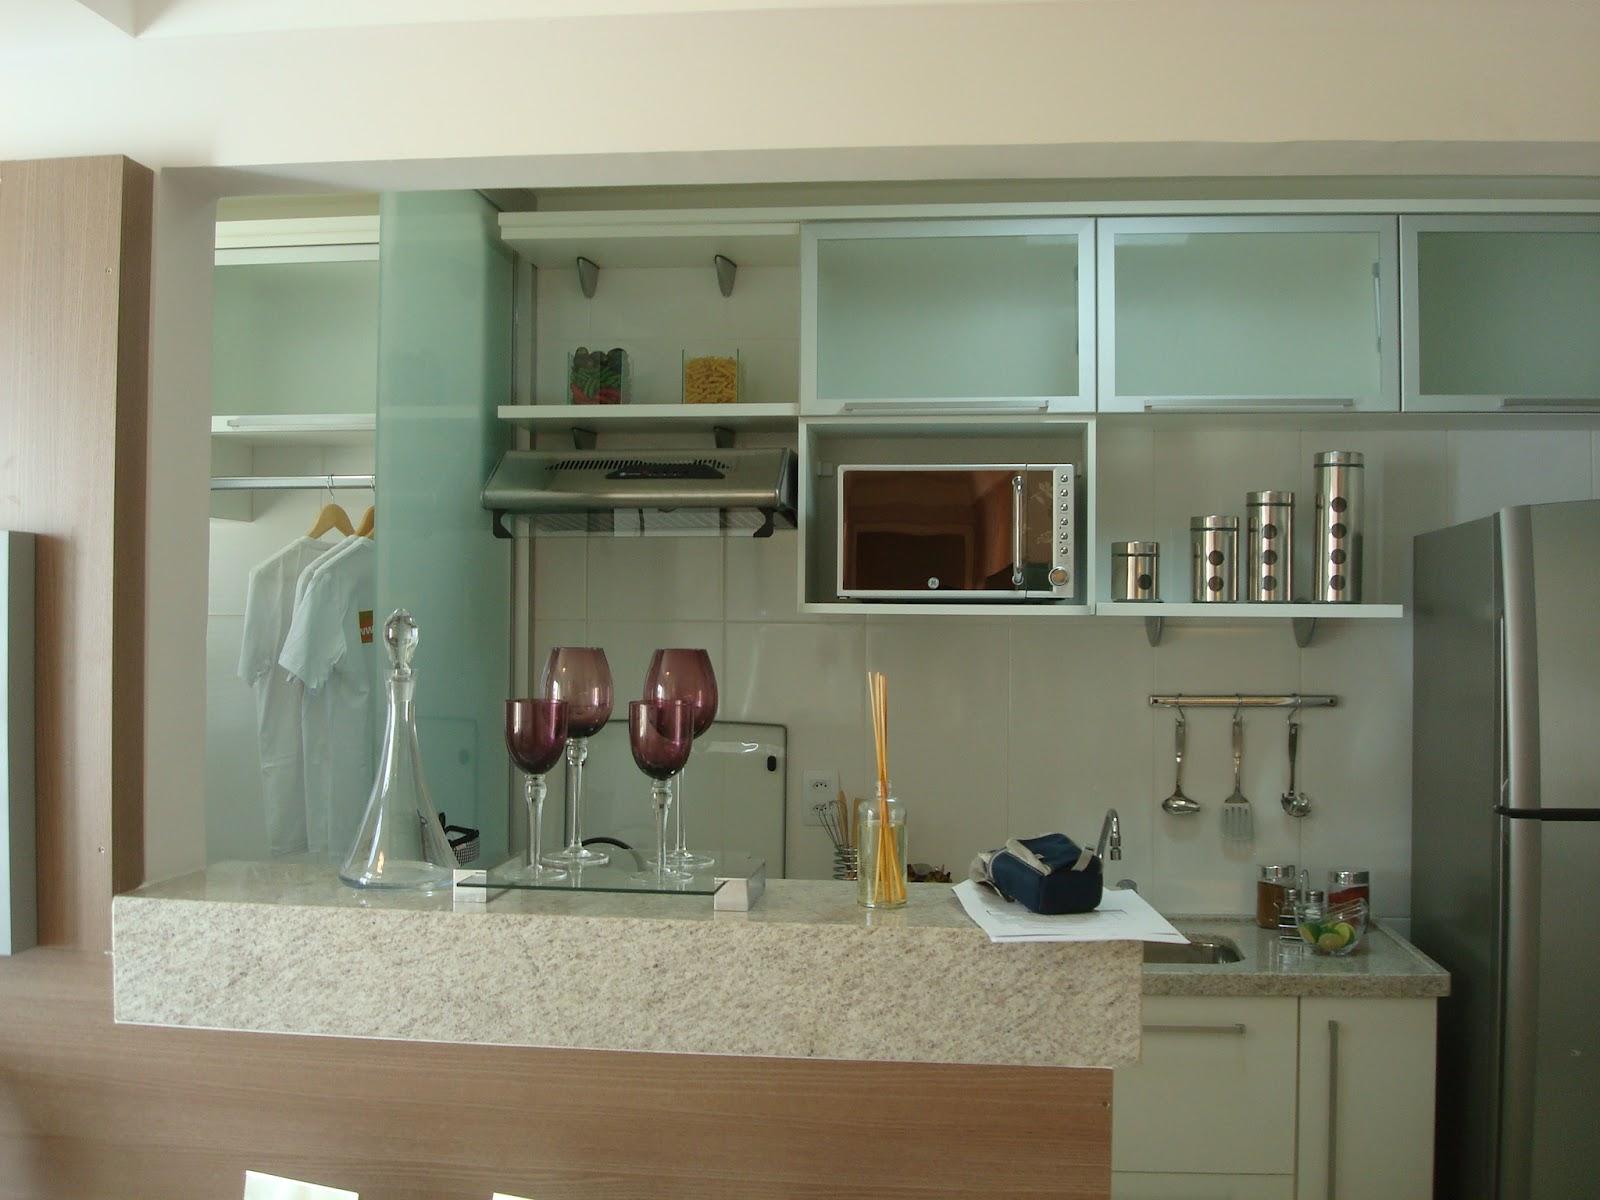 vidro é uma ótima opção para fazer a divisão dos ambientes  #654C34 1600 1200